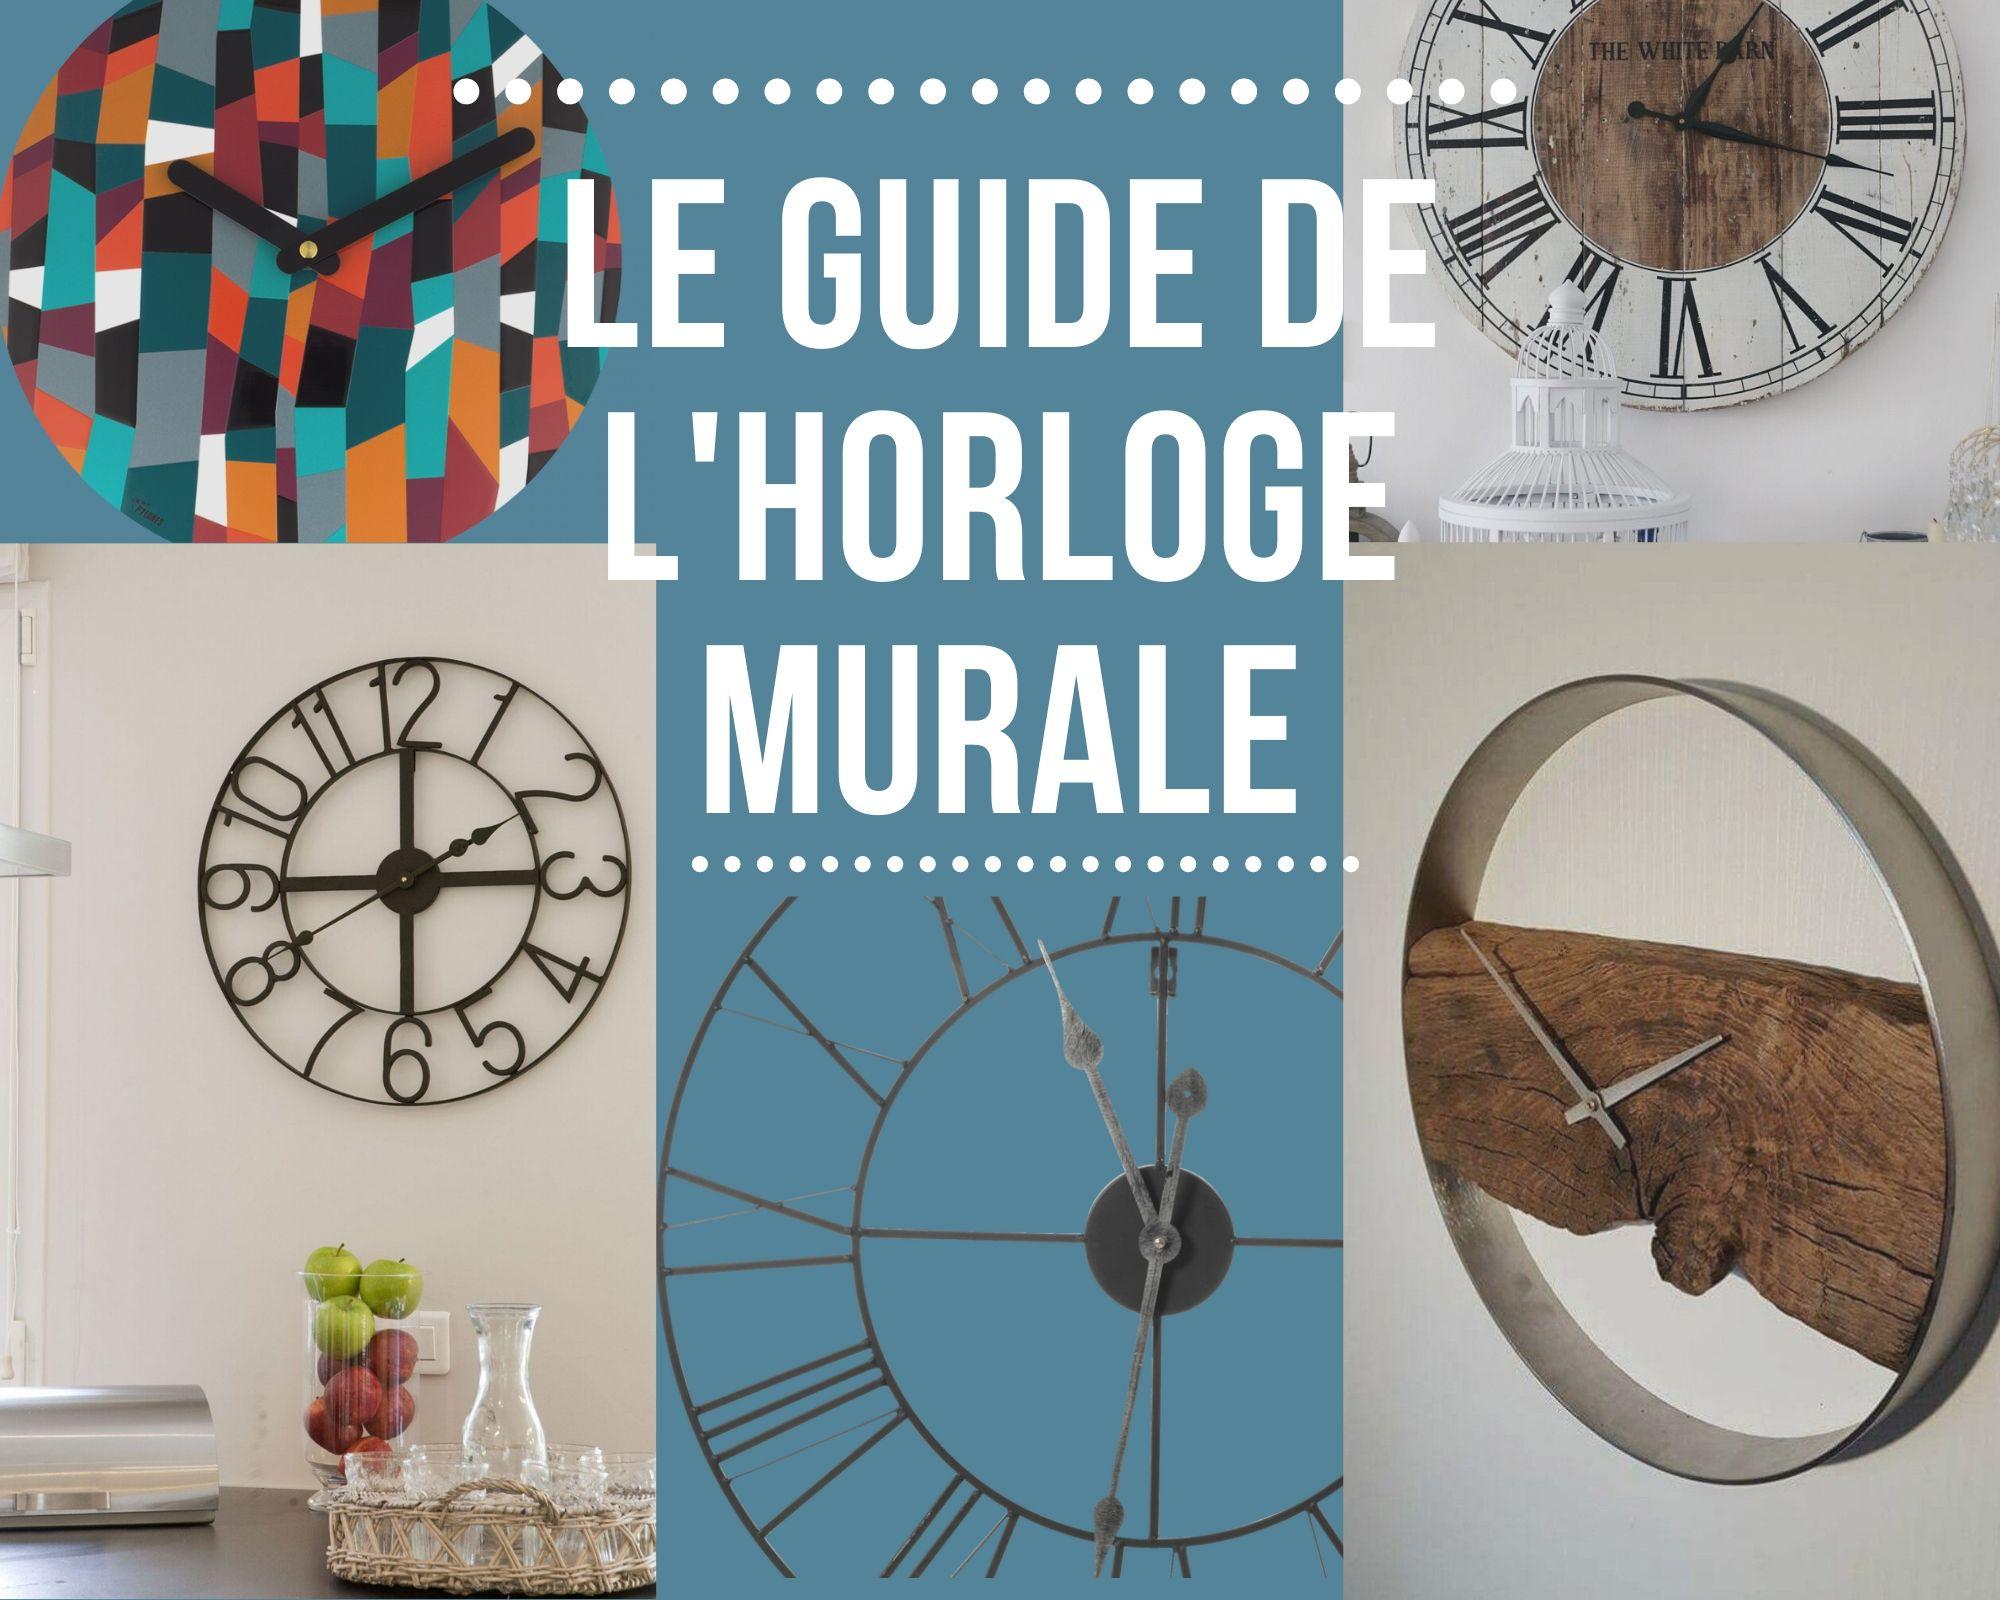 Grosse Horloge Fer Forgé choix, styles et matériaux : le guide de l'horloge murale